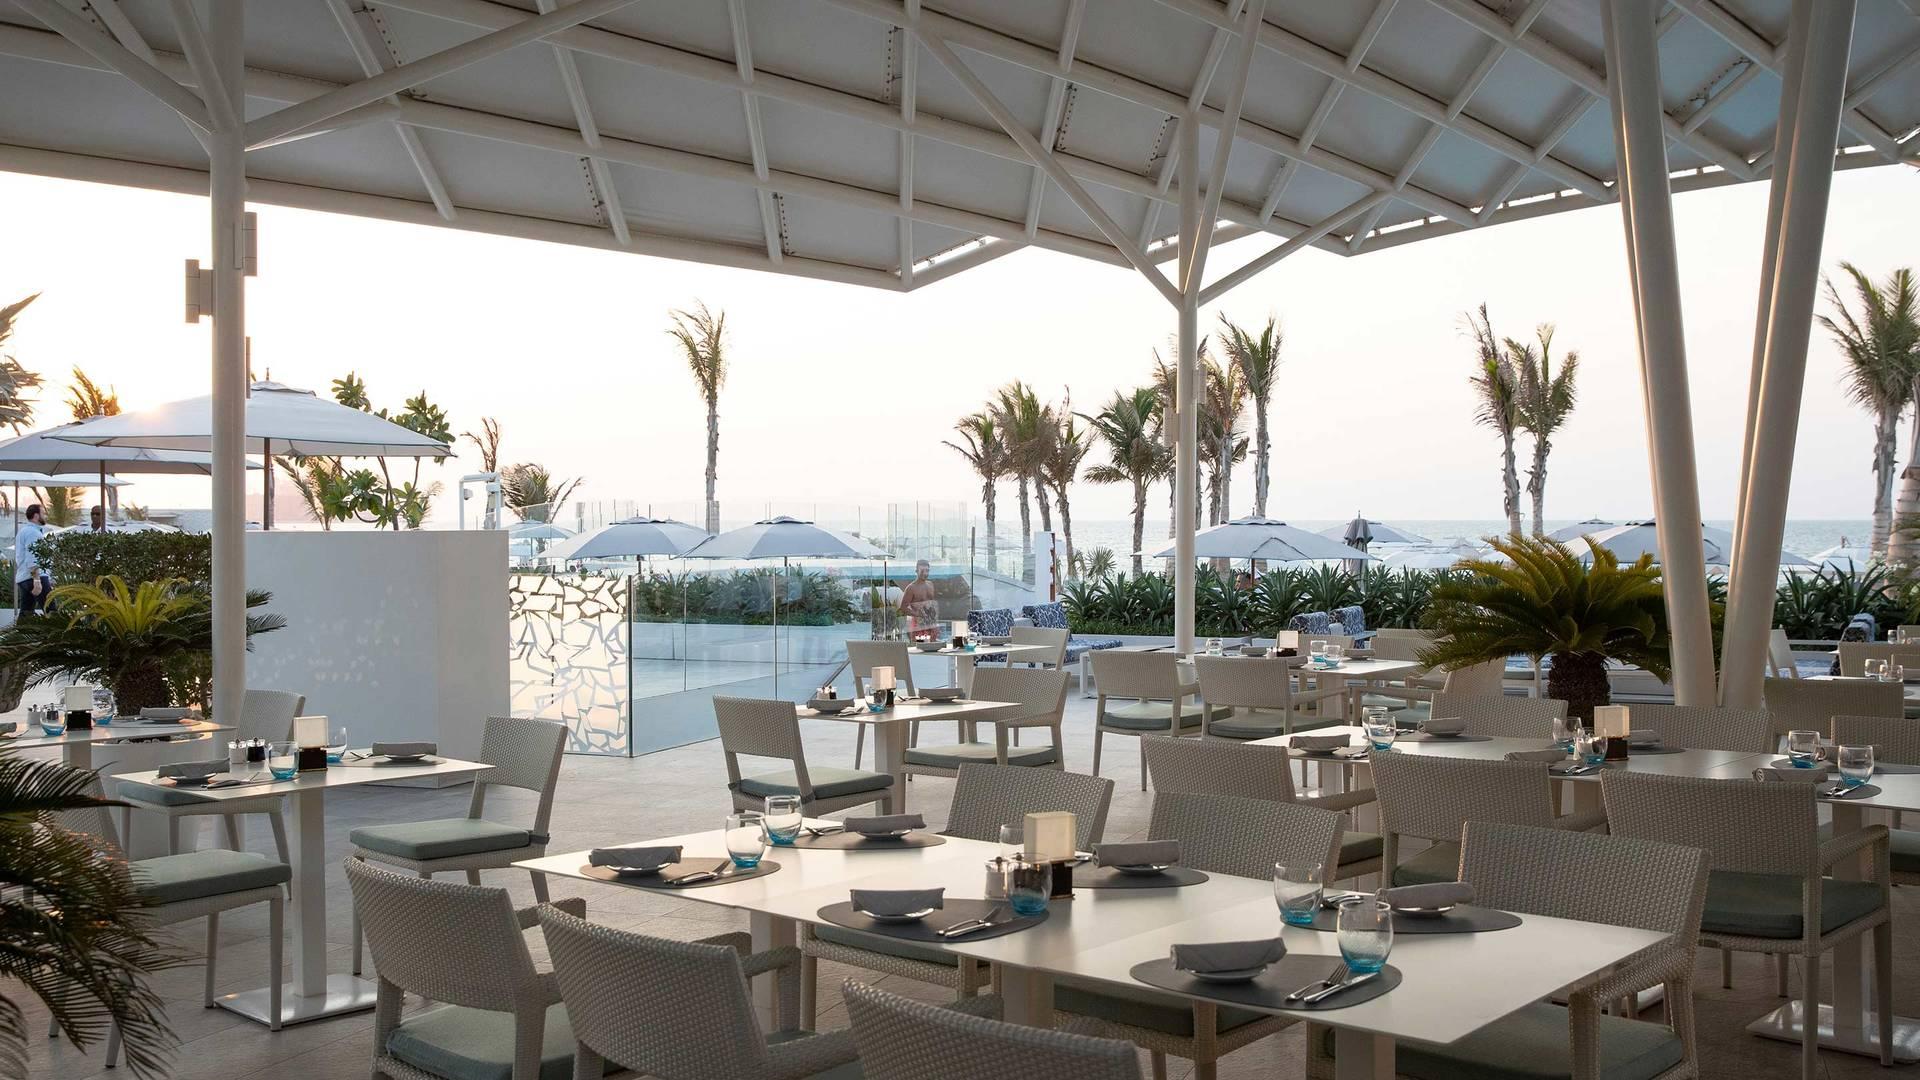 Jumeirah Burj Al Arab Scape Restaurant exterior_16-9